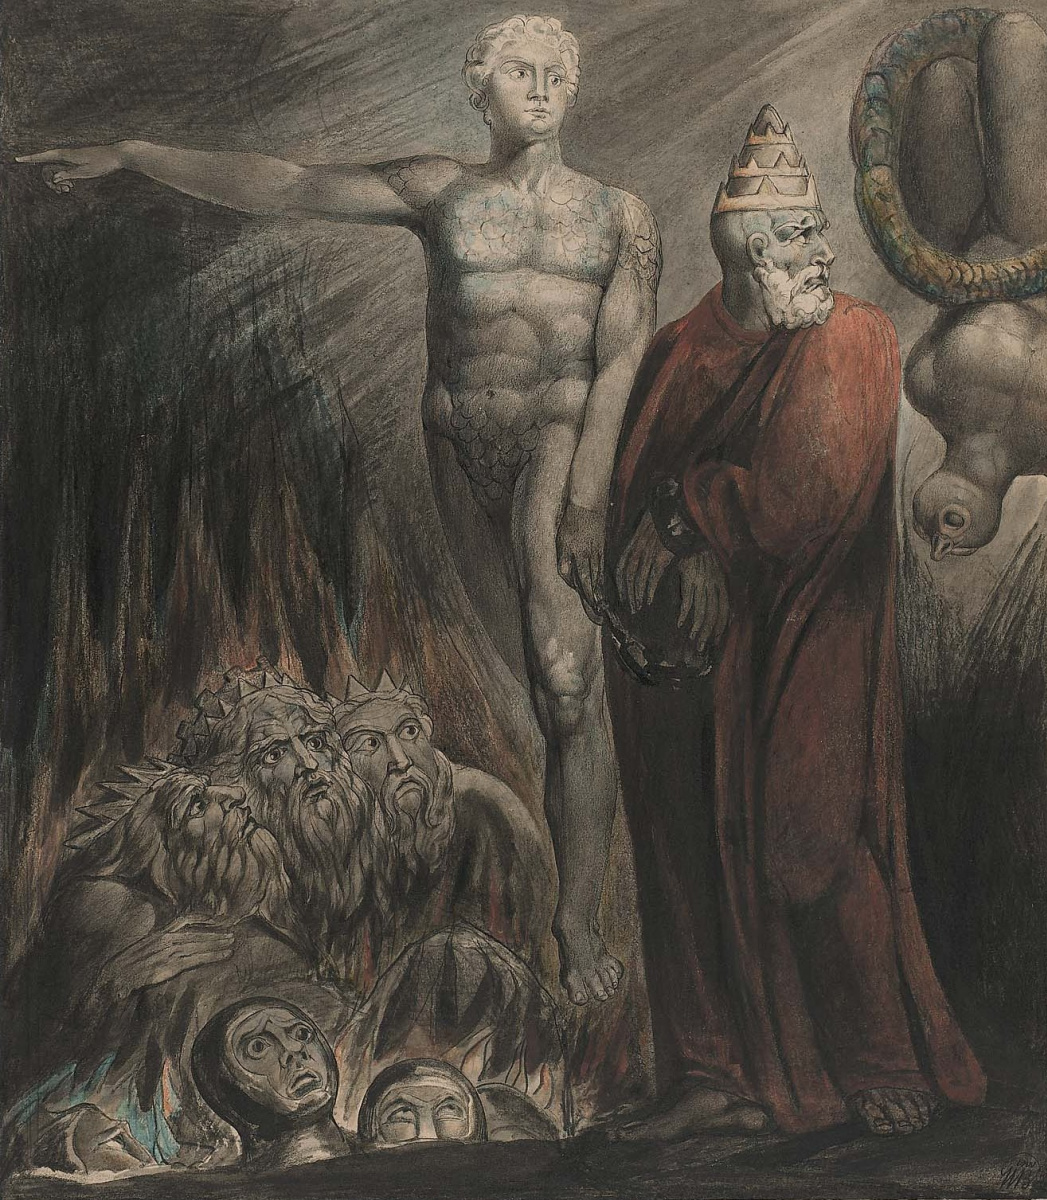 Уильям Блейк. Иллюстрации к Библии. Люцифер и царь Вавилонский в Аду